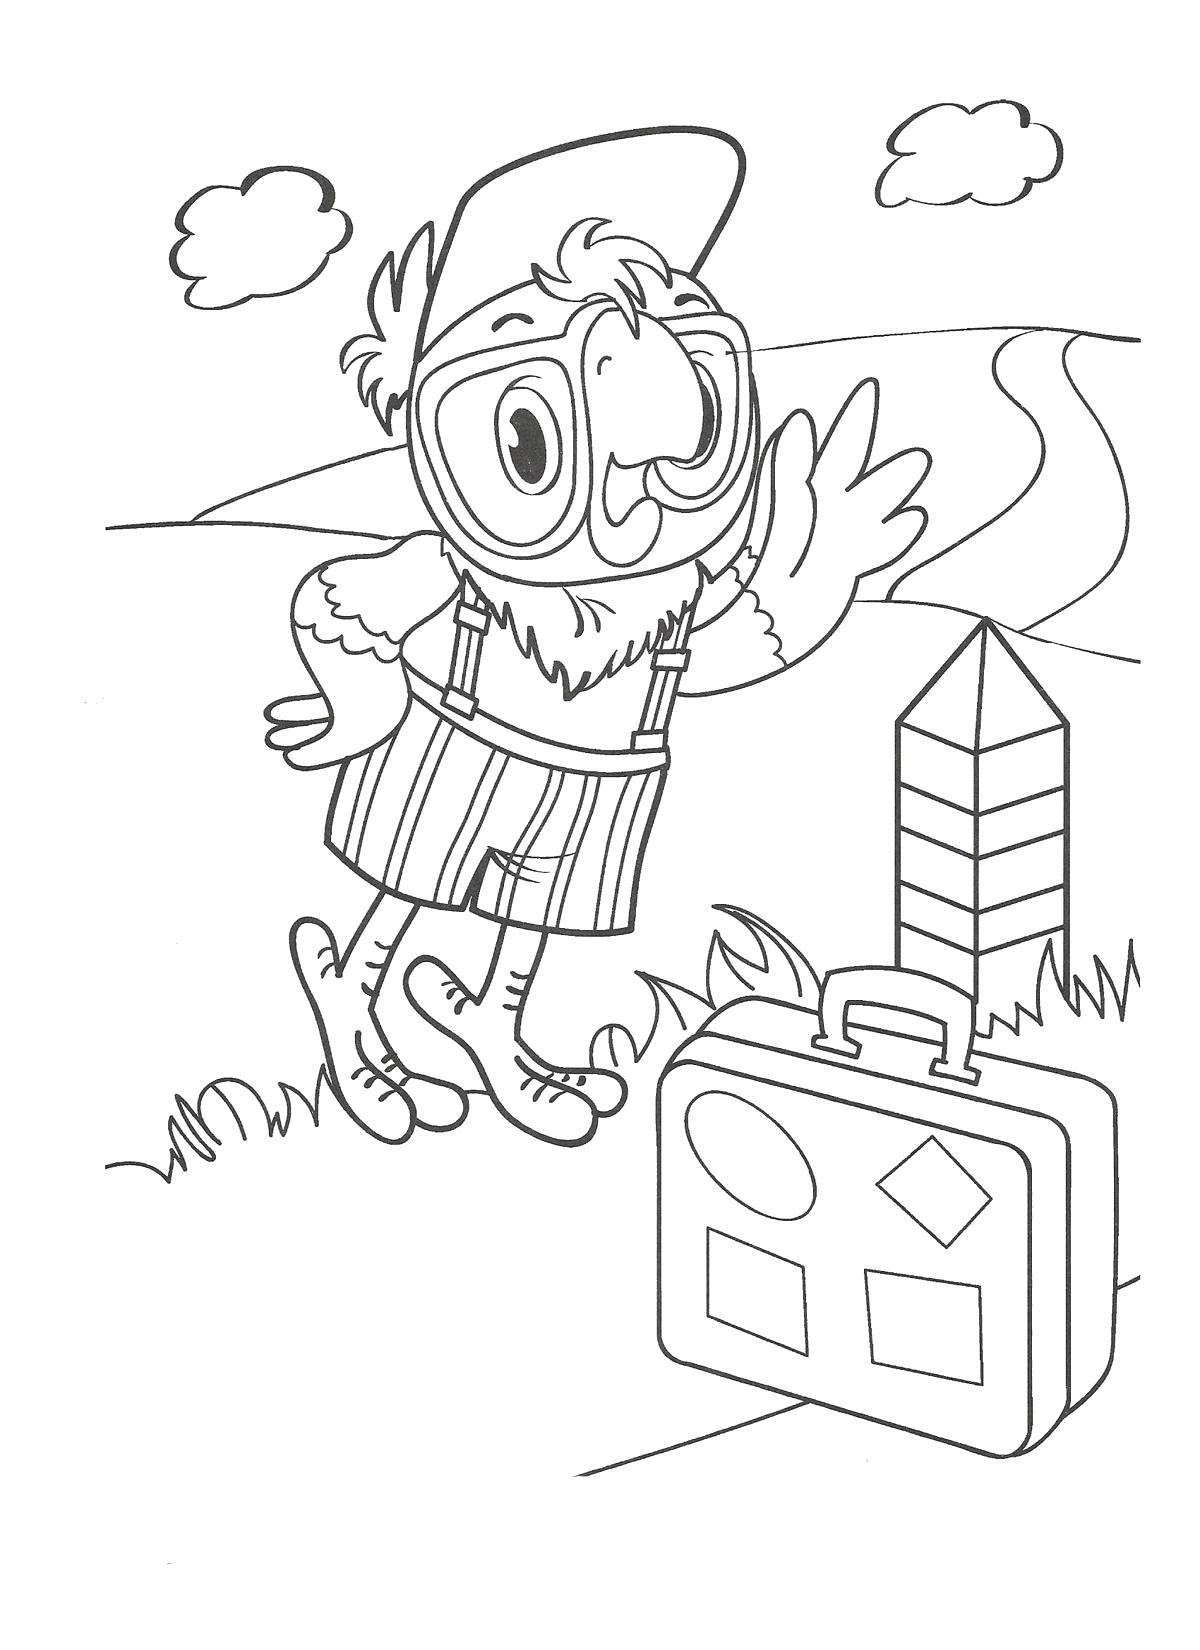 Раскраски Возвращение блудного попугая Раскраски по советскому мультфильму Возвращение блудного попугая